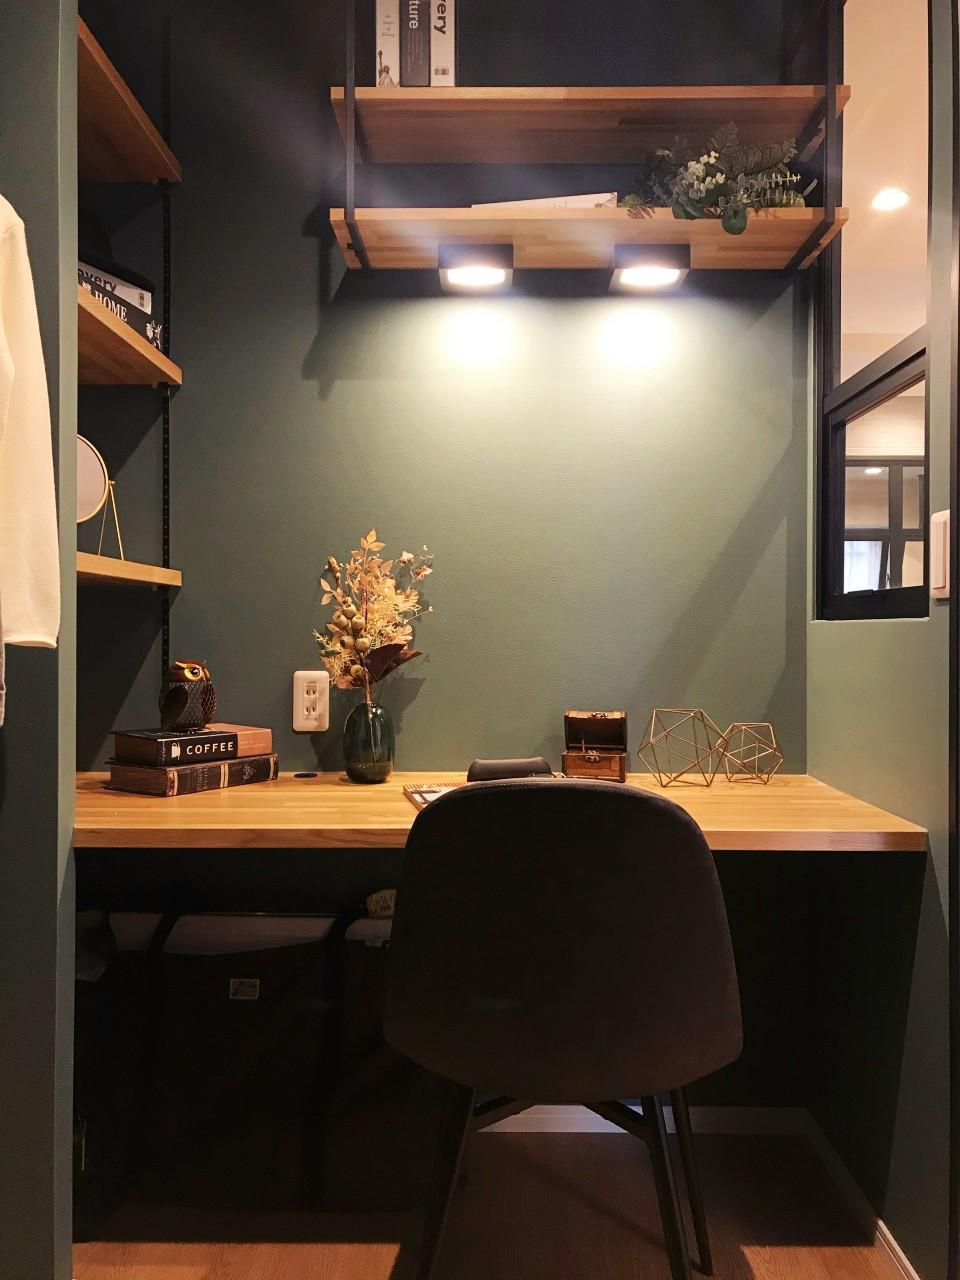 プライベートオフィス感いっぱいで素敵です